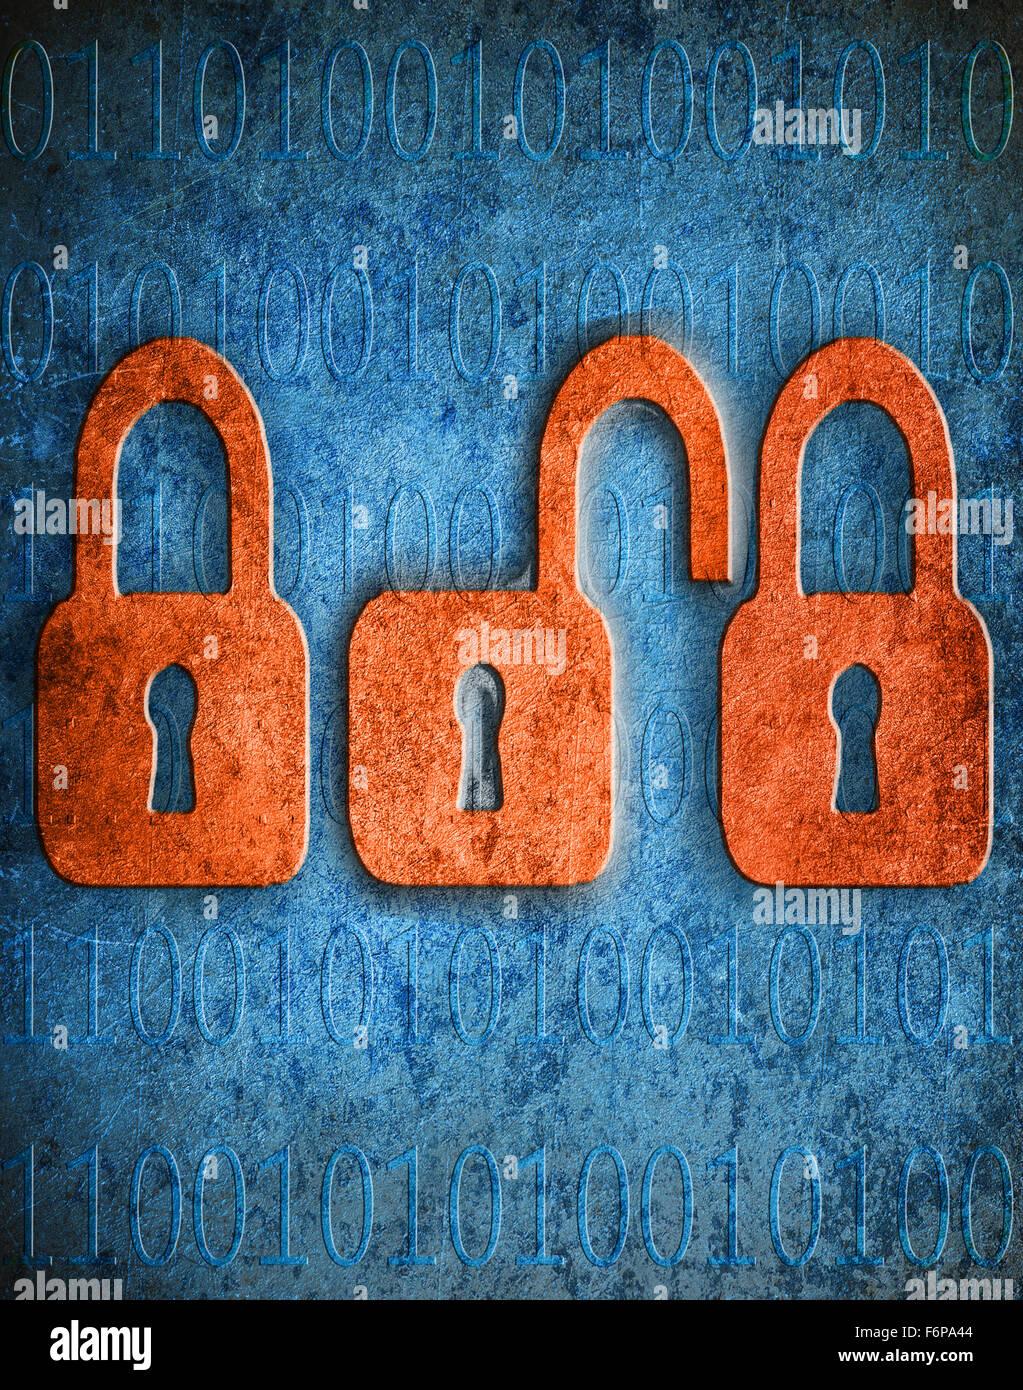 Seguridad digital ilustración digital concepto con candados y espacio de copia Imagen De Stock